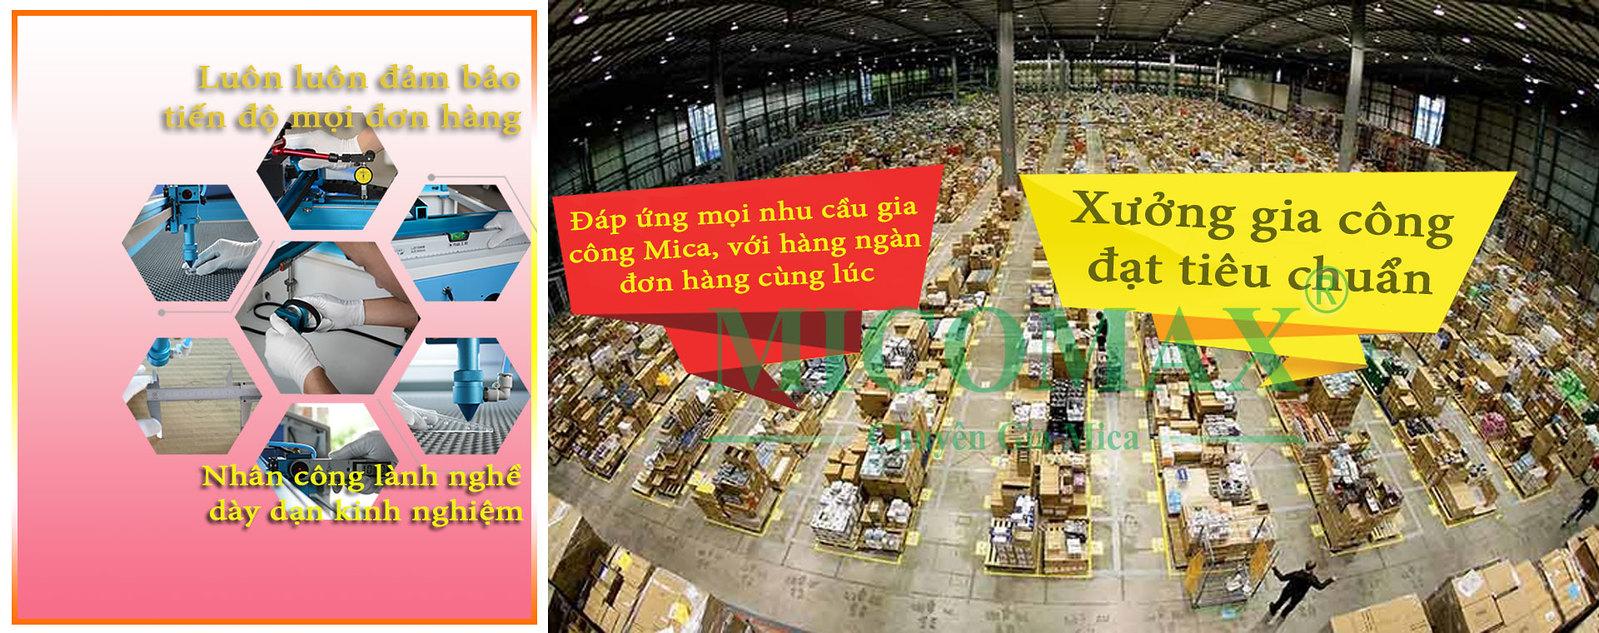 Đại lý Mica Đài Loan lớn nhất tại Hà Nội